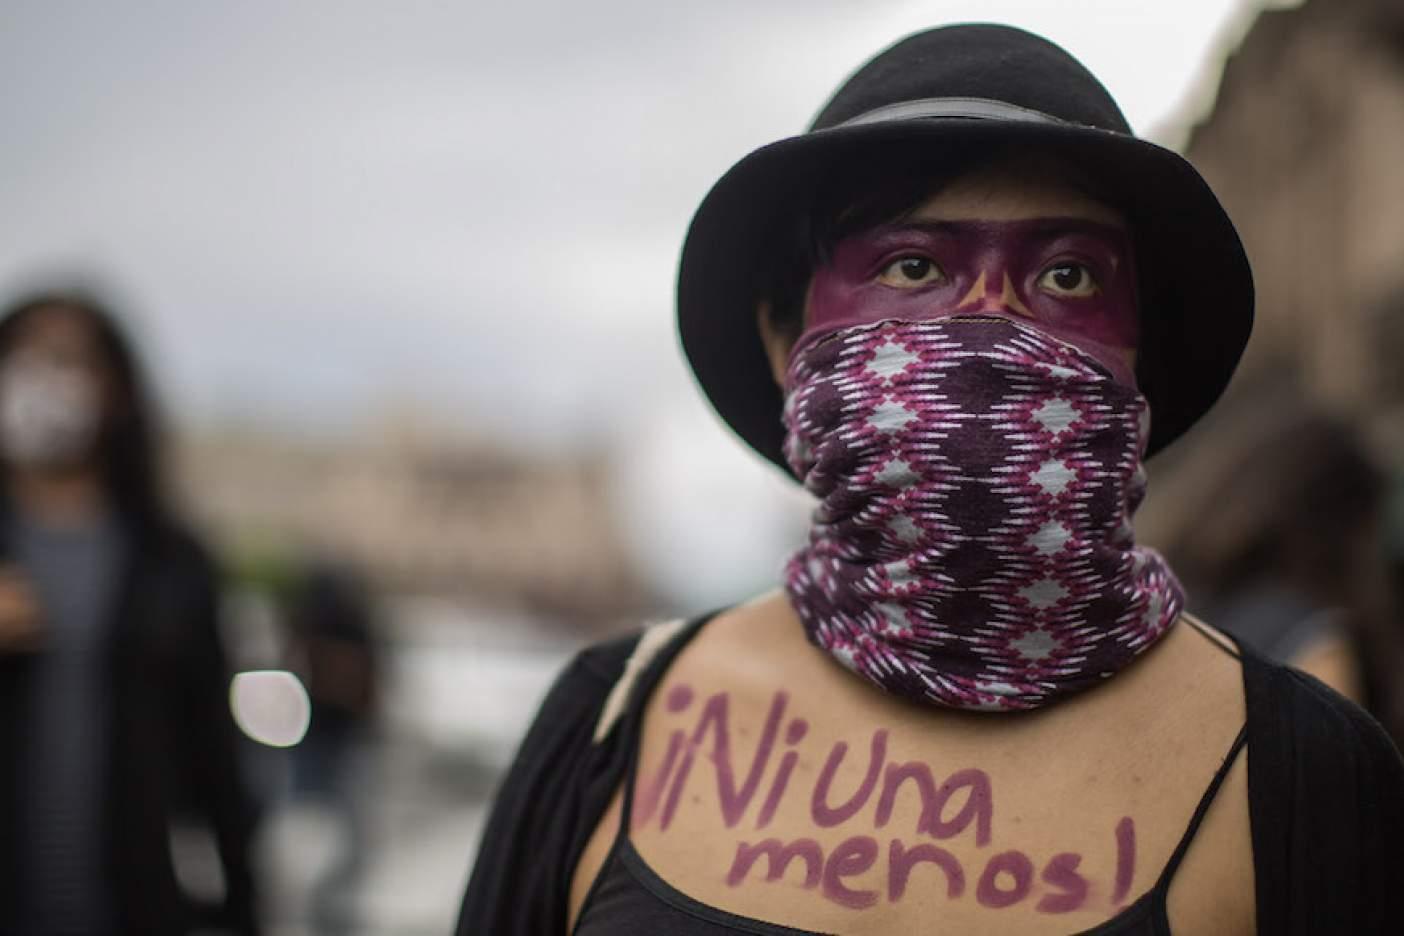 En Puebla durante 2017 se cometieron 27 feminicidios: SESNSP